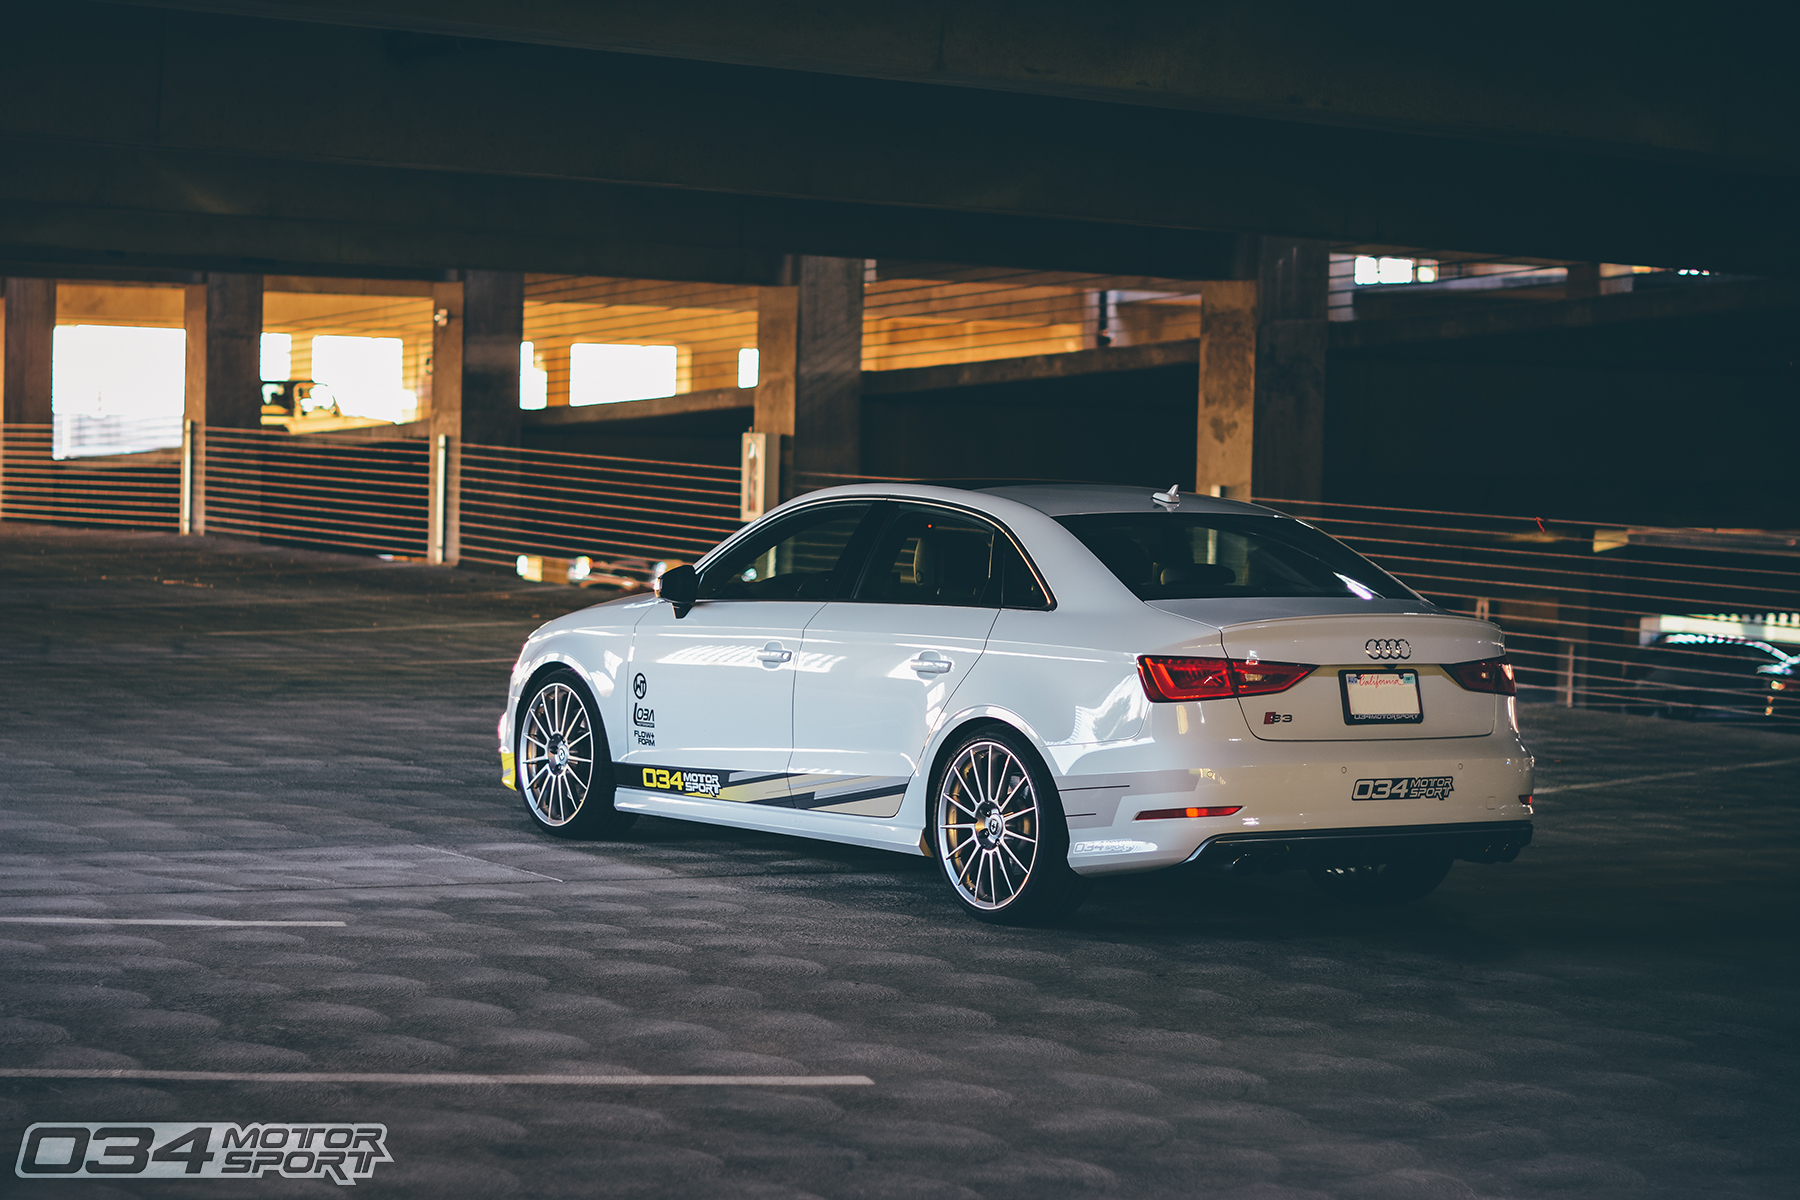 Top 7 Upgrades For Your 8v Audi S3 034motorsport Blog